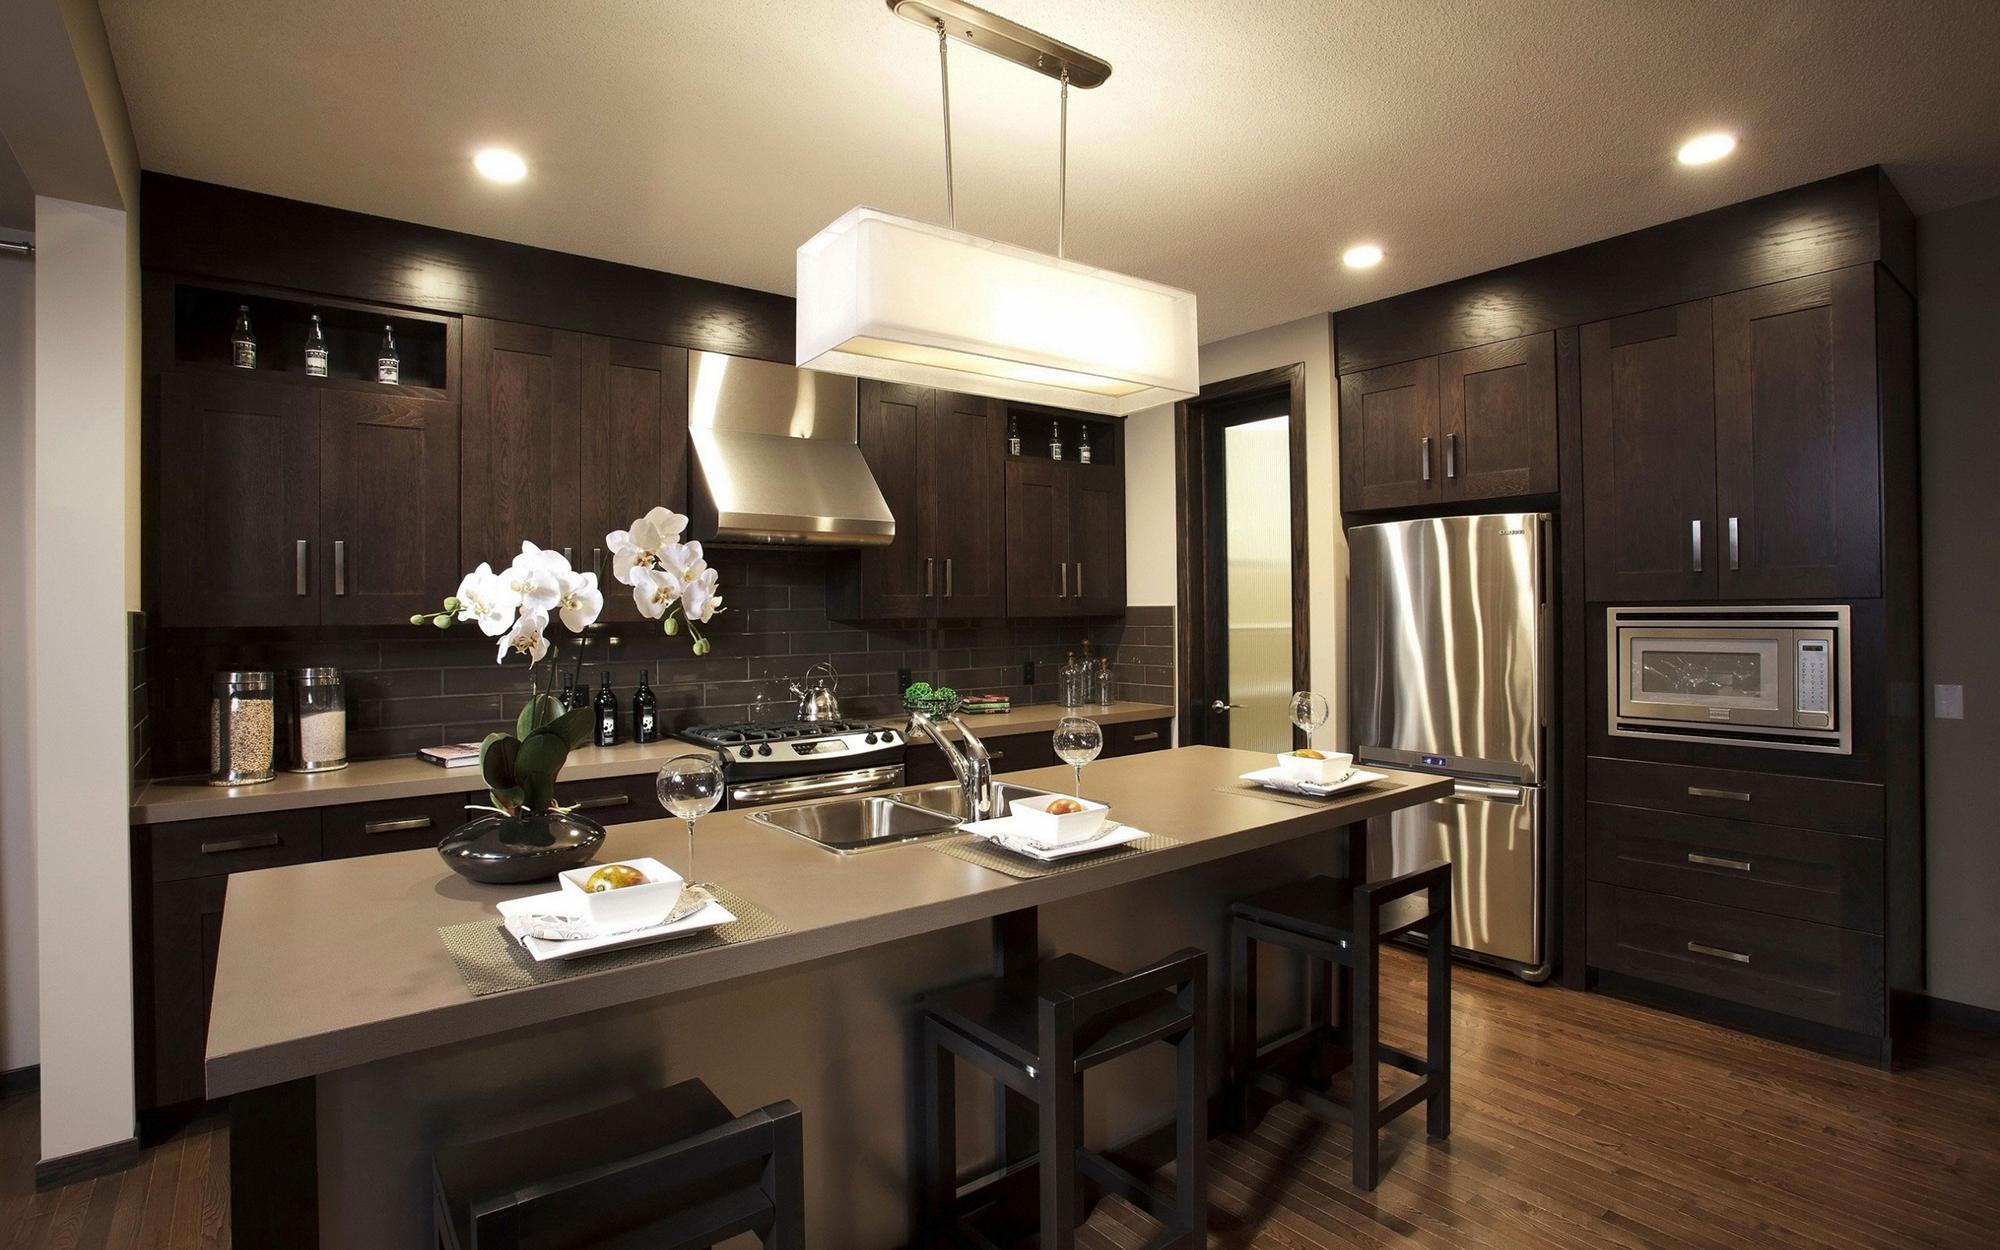 Прямоугольная люстра и точечные светильники на кухне